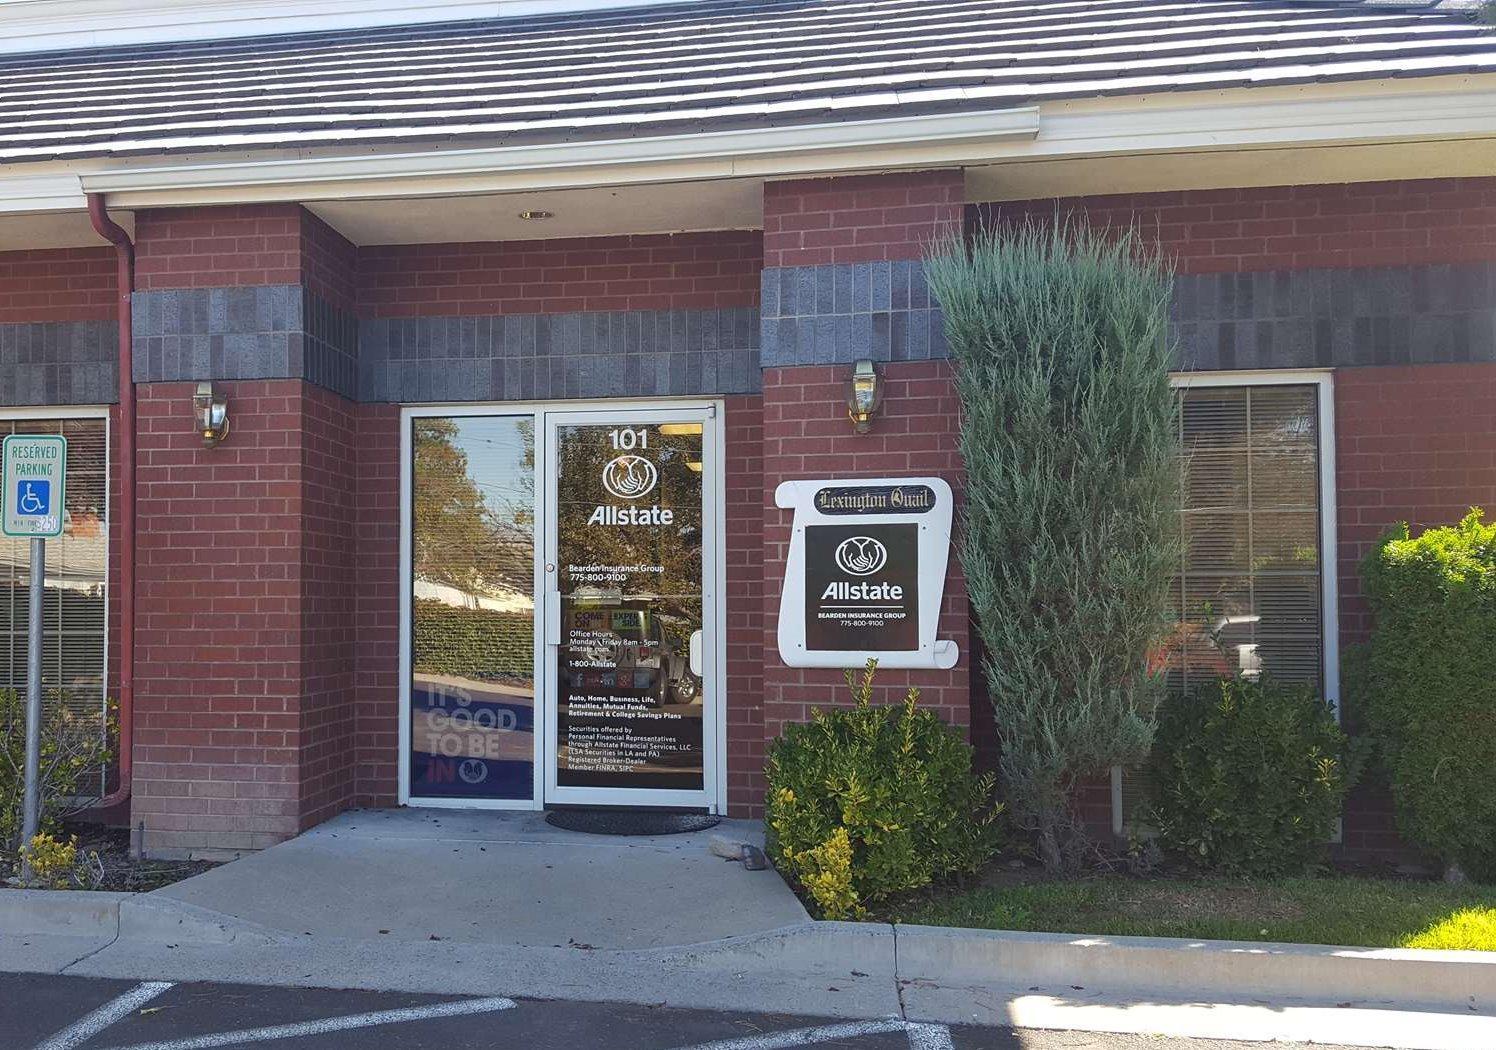 Bearden Insurance Group Inc: Allstate Insurance image 5